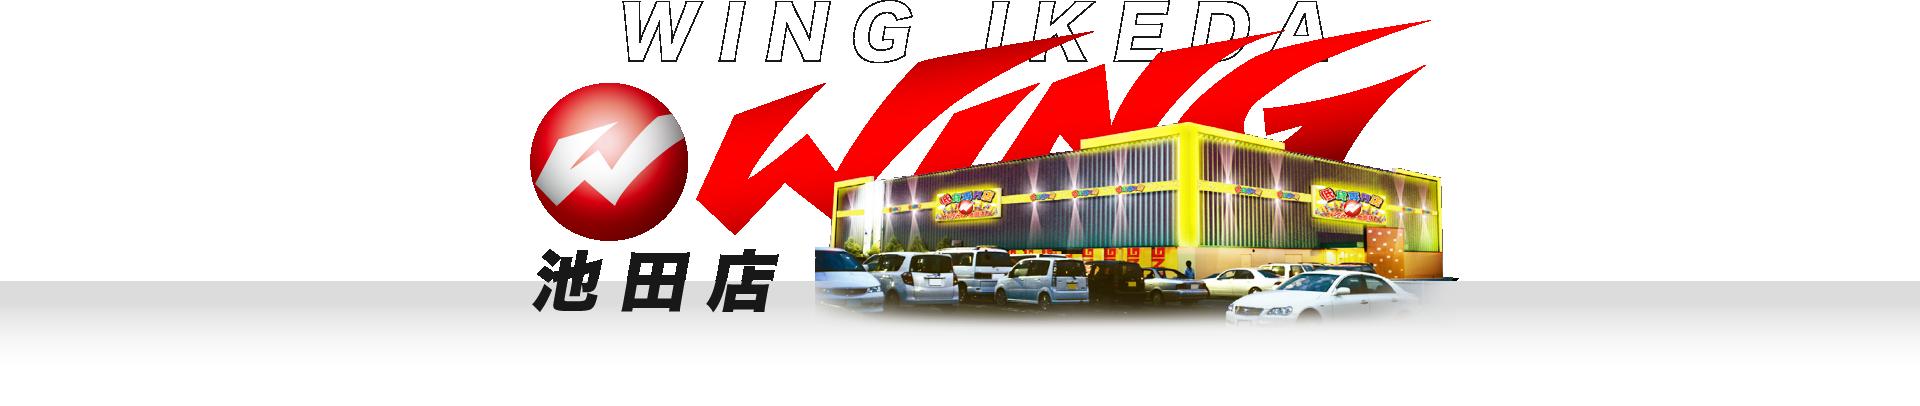 ウイング池田店